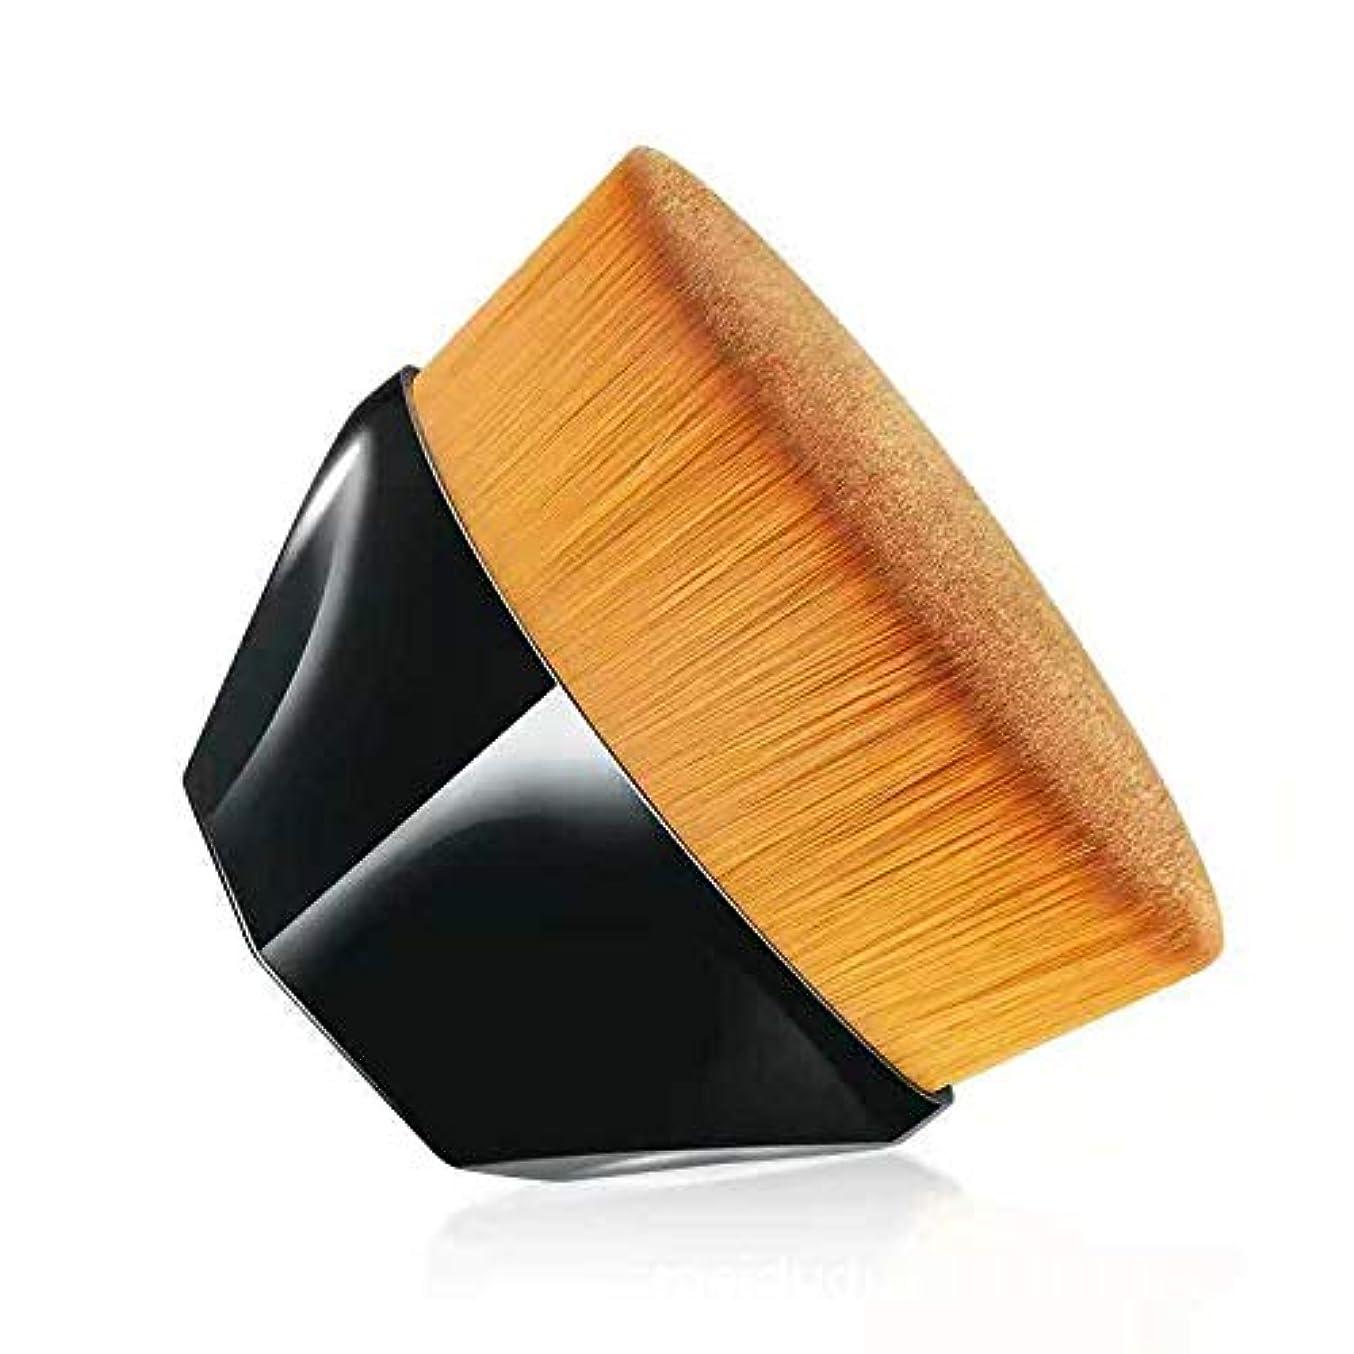 立法なんとなく逆柔らかい高級繊維毛化粧ブラシ 携帯便利メイクアップブラシ 肌にやさしいファンデーションブラシ 化粧筆 (ブラック)